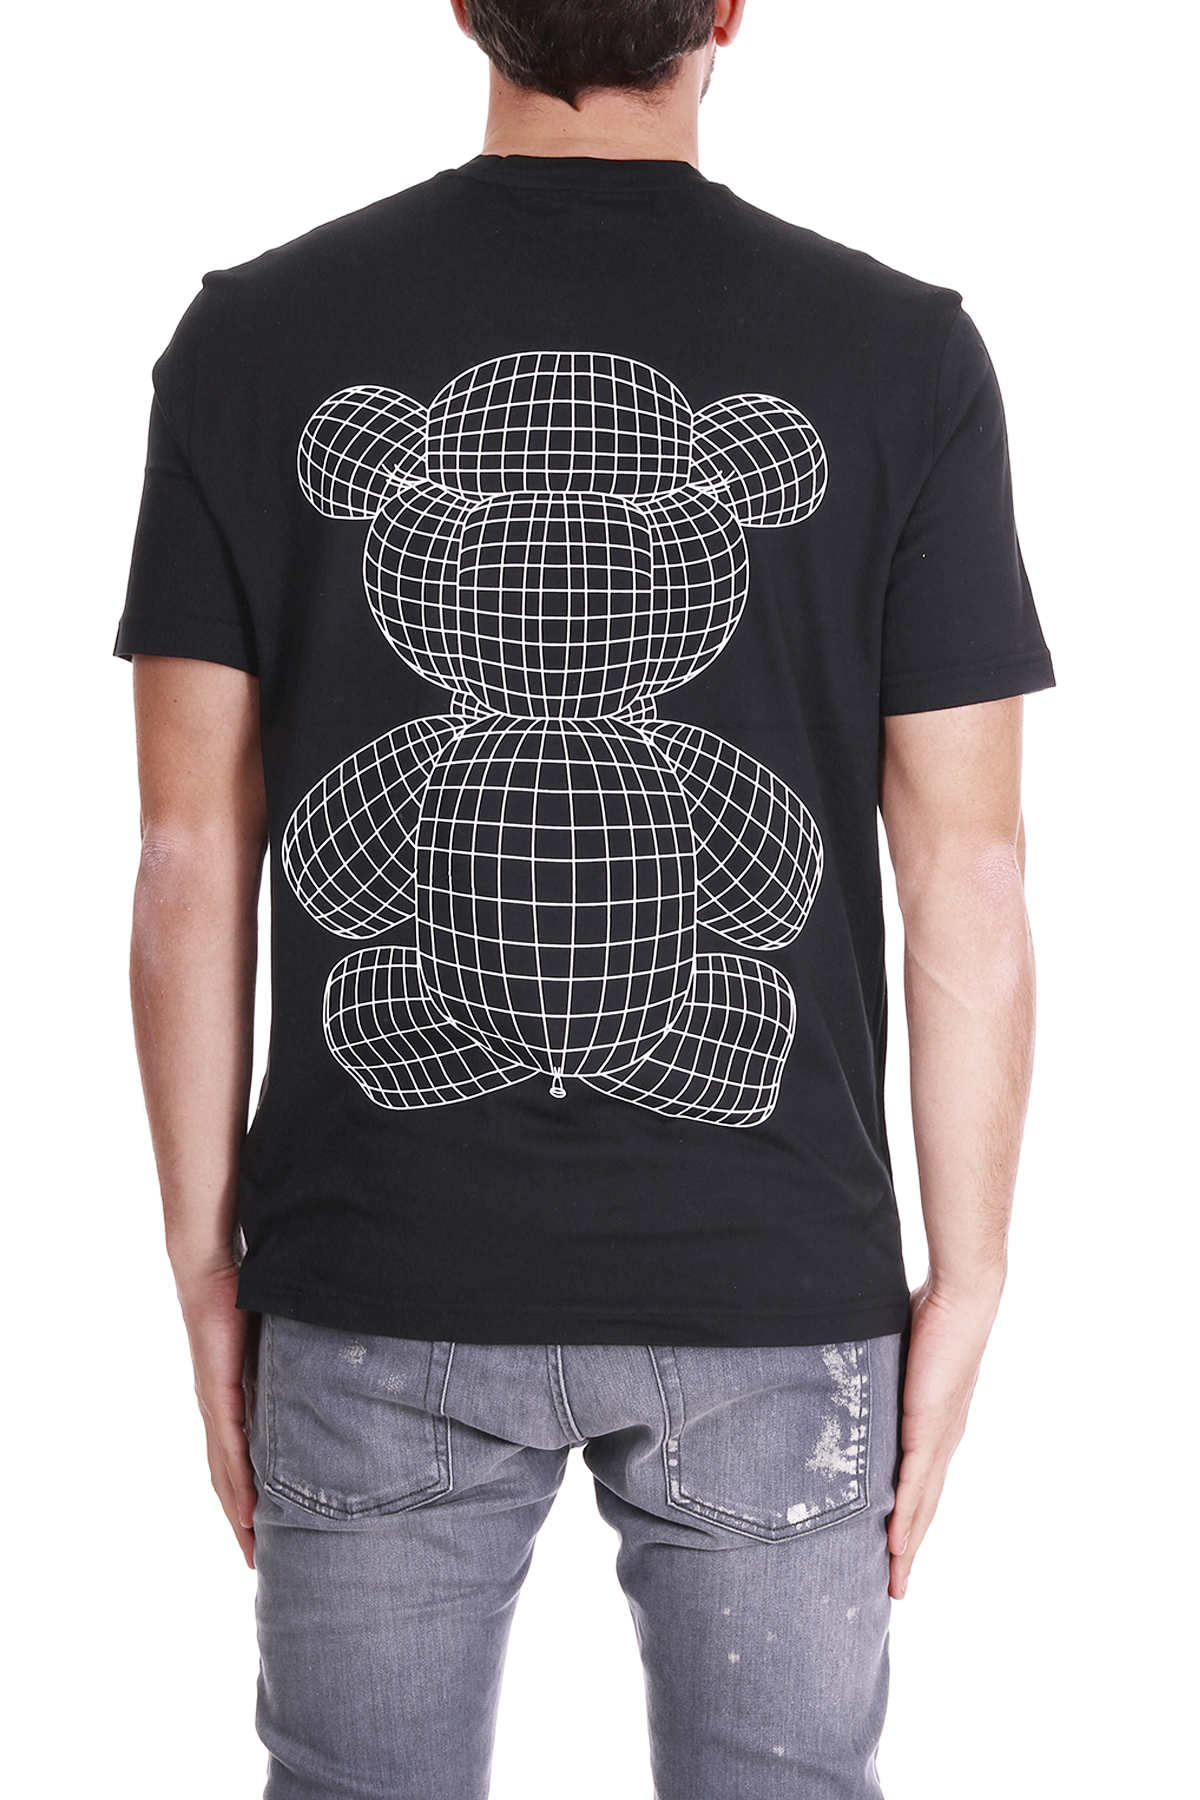 T-SHIRT CON STAMPA FRONTALE E SUL RETRO BLACKBARRETT   T-shirt   PXJT209NERO